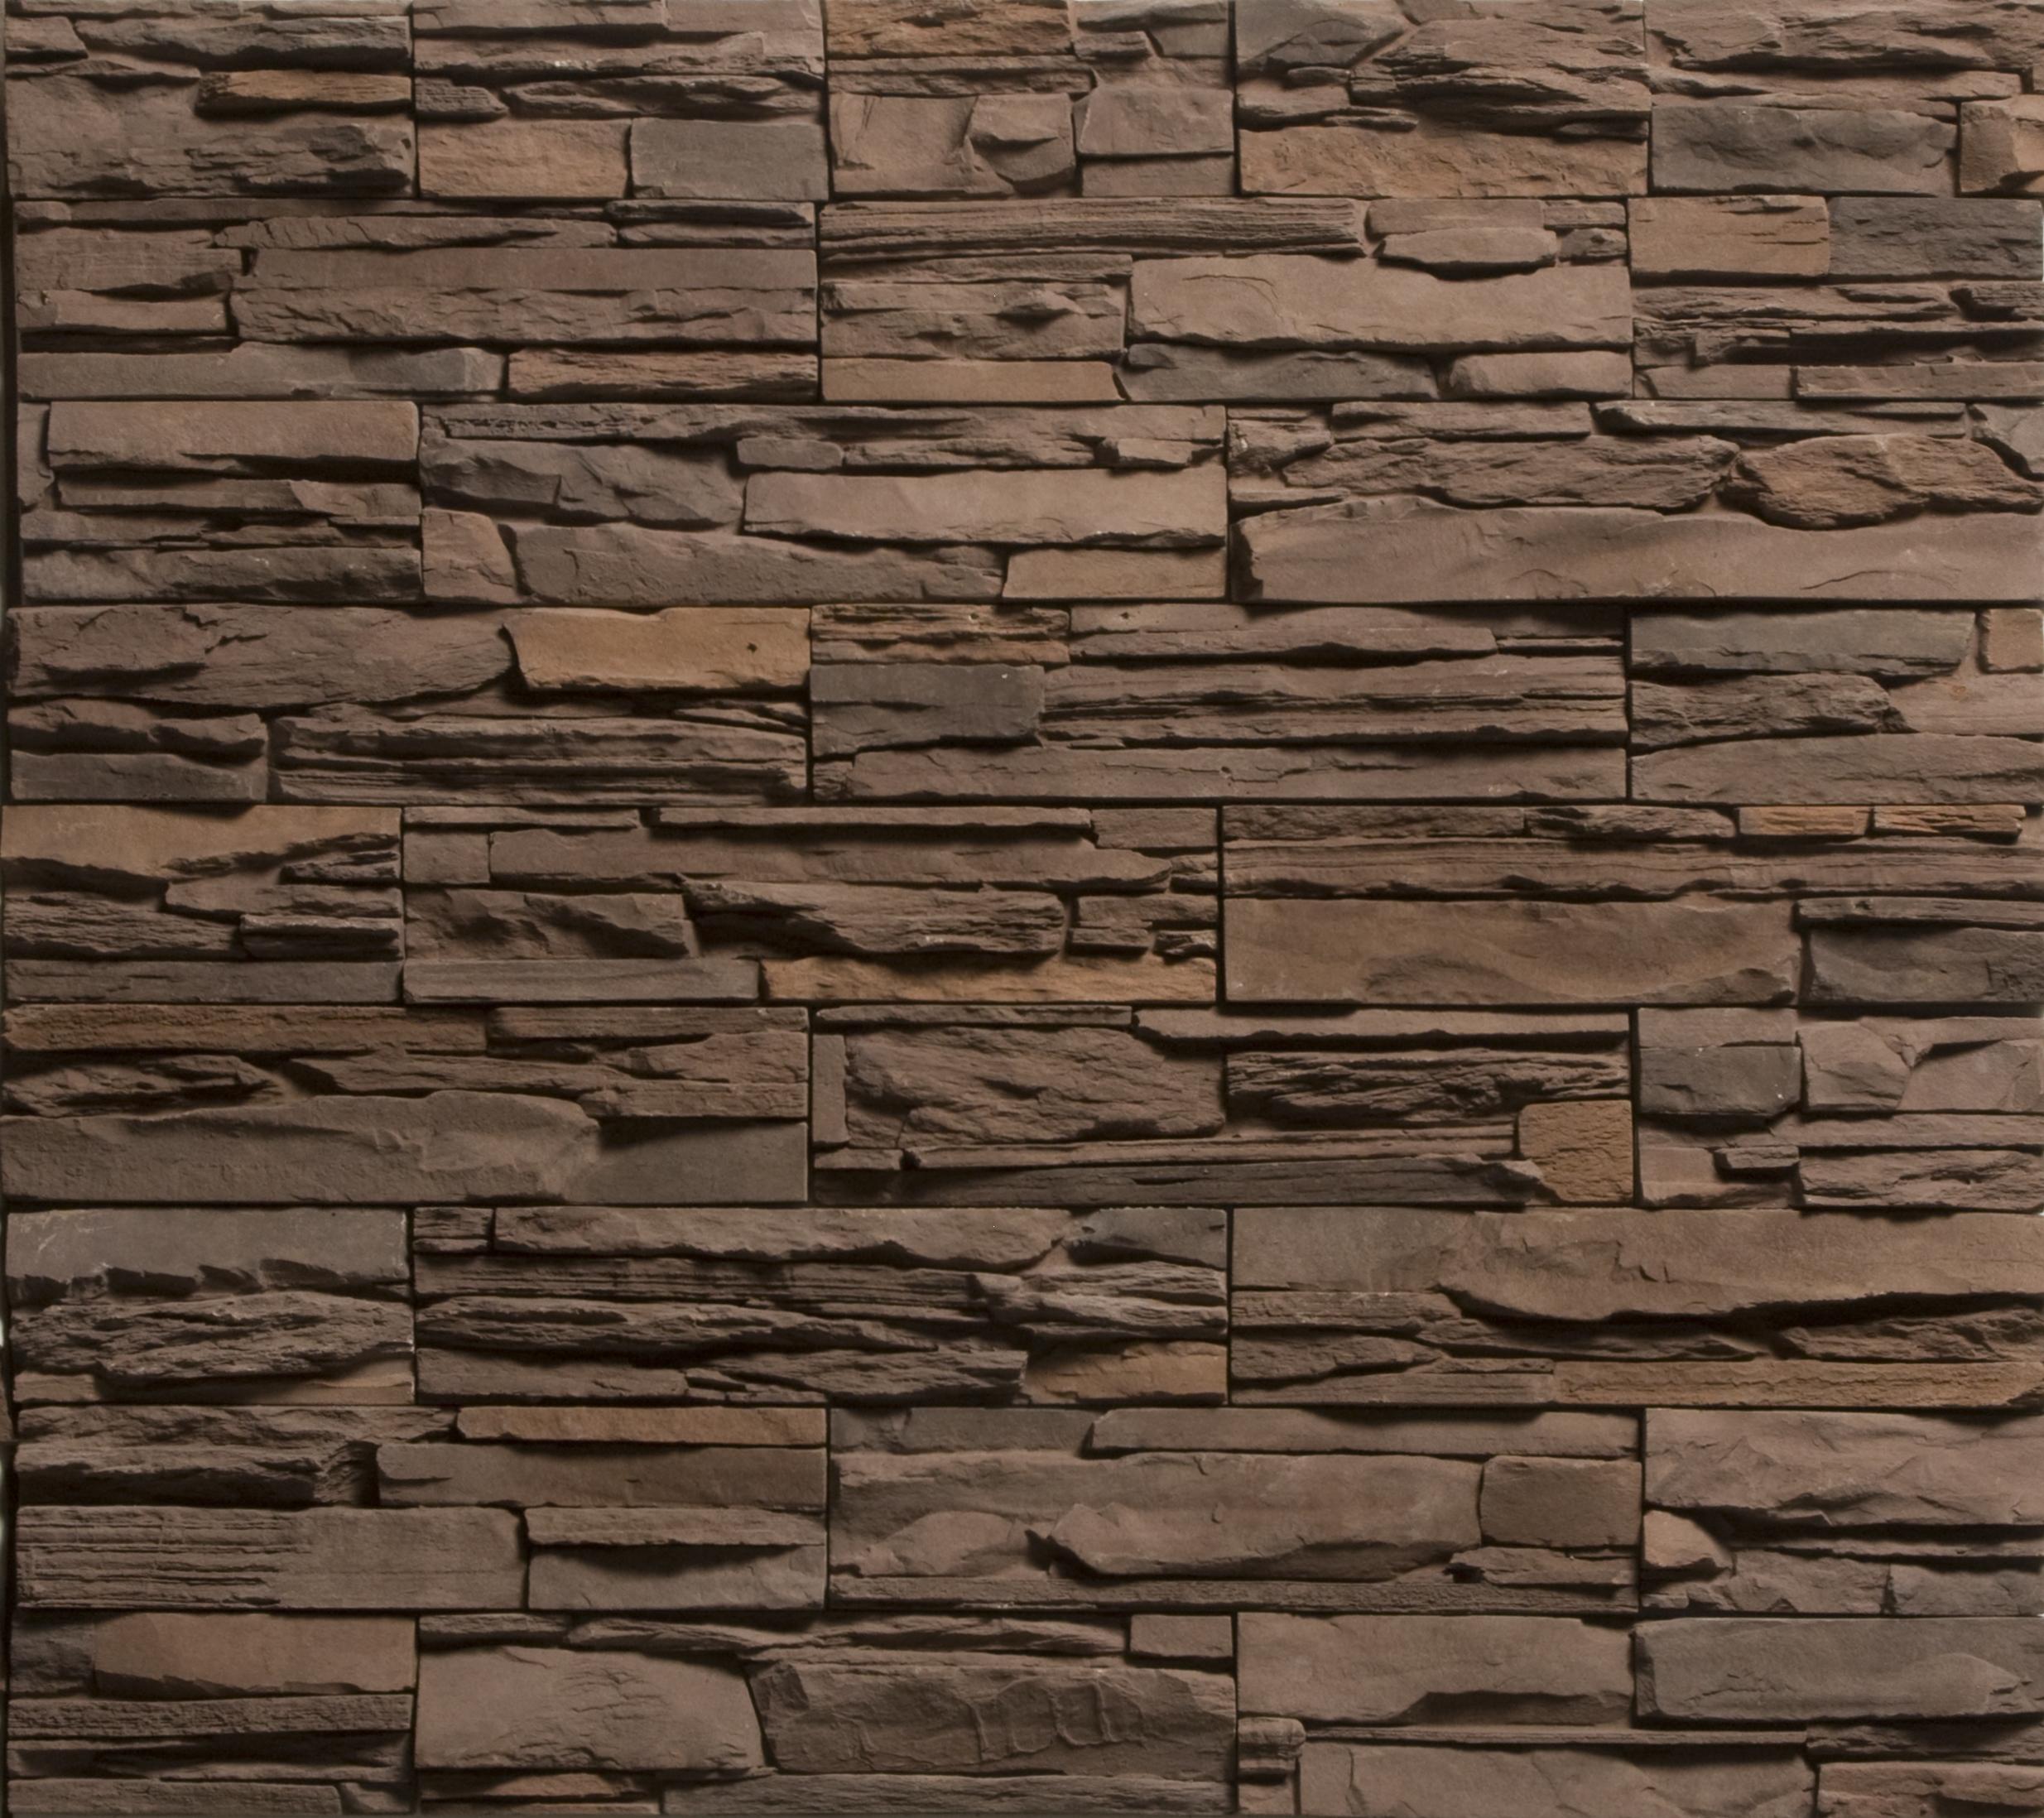 Stone background photo